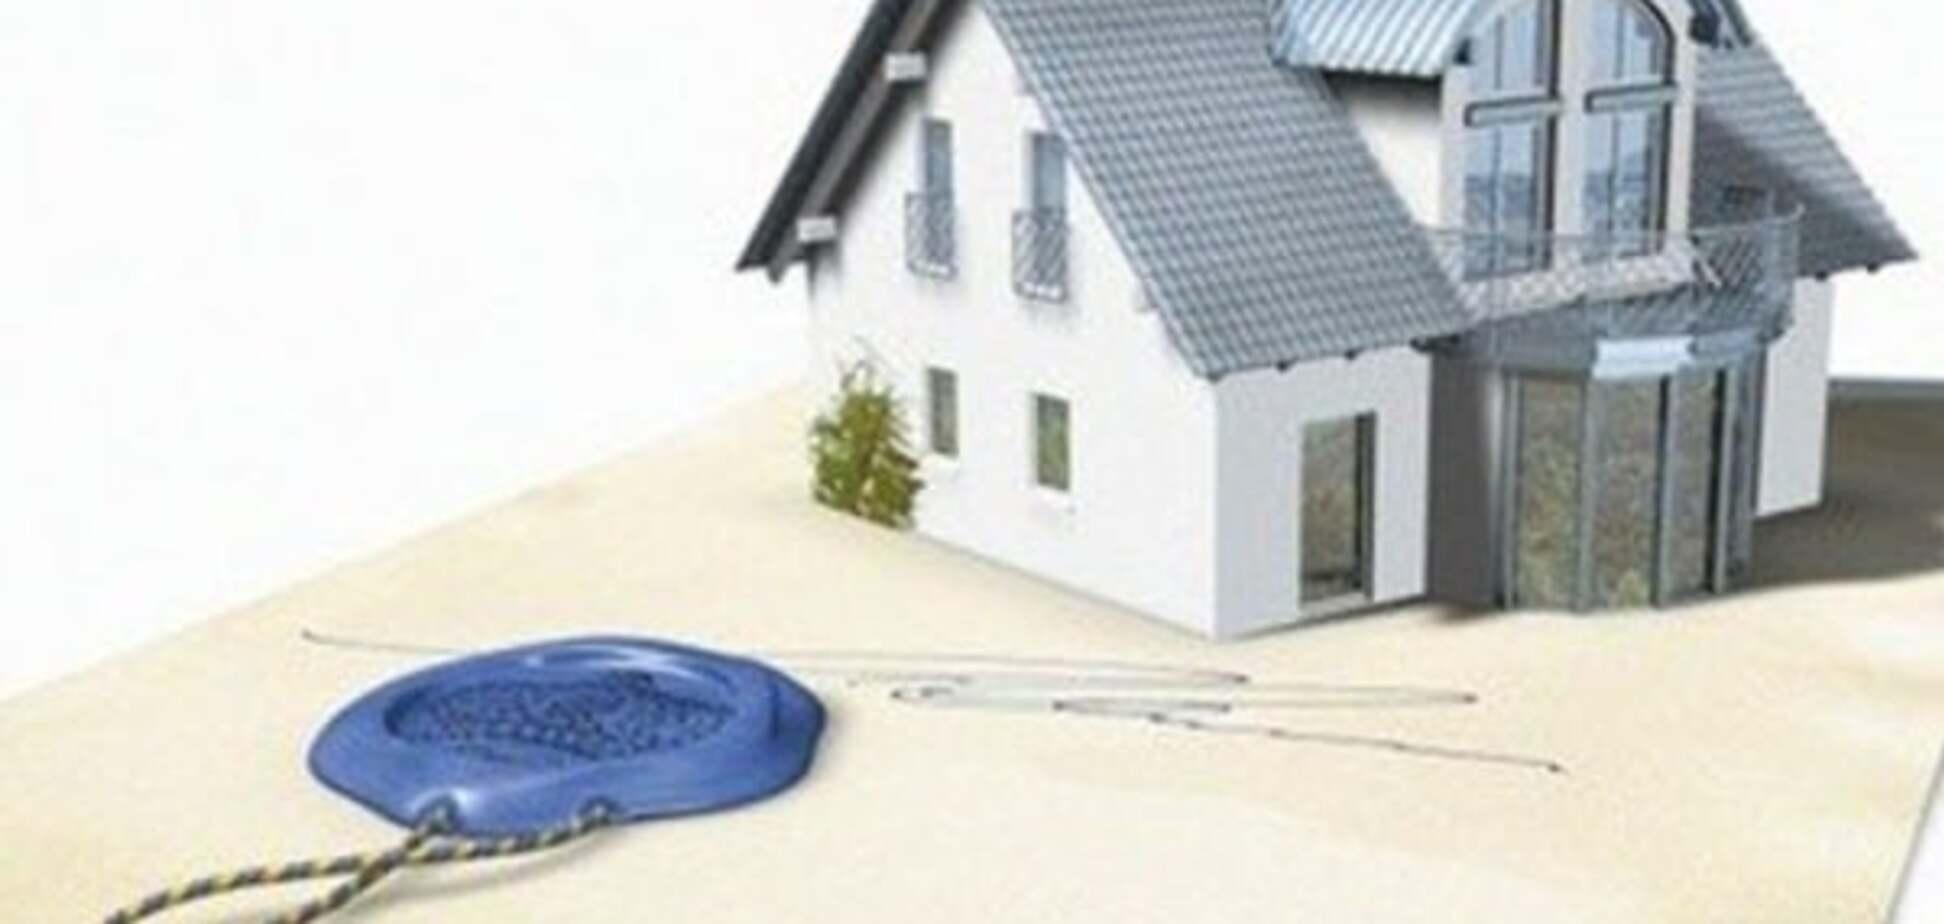 Рынок жилья может перезапустить только стабилизация курса, доступность ипотеки и платежеспособный спрос – Черненко